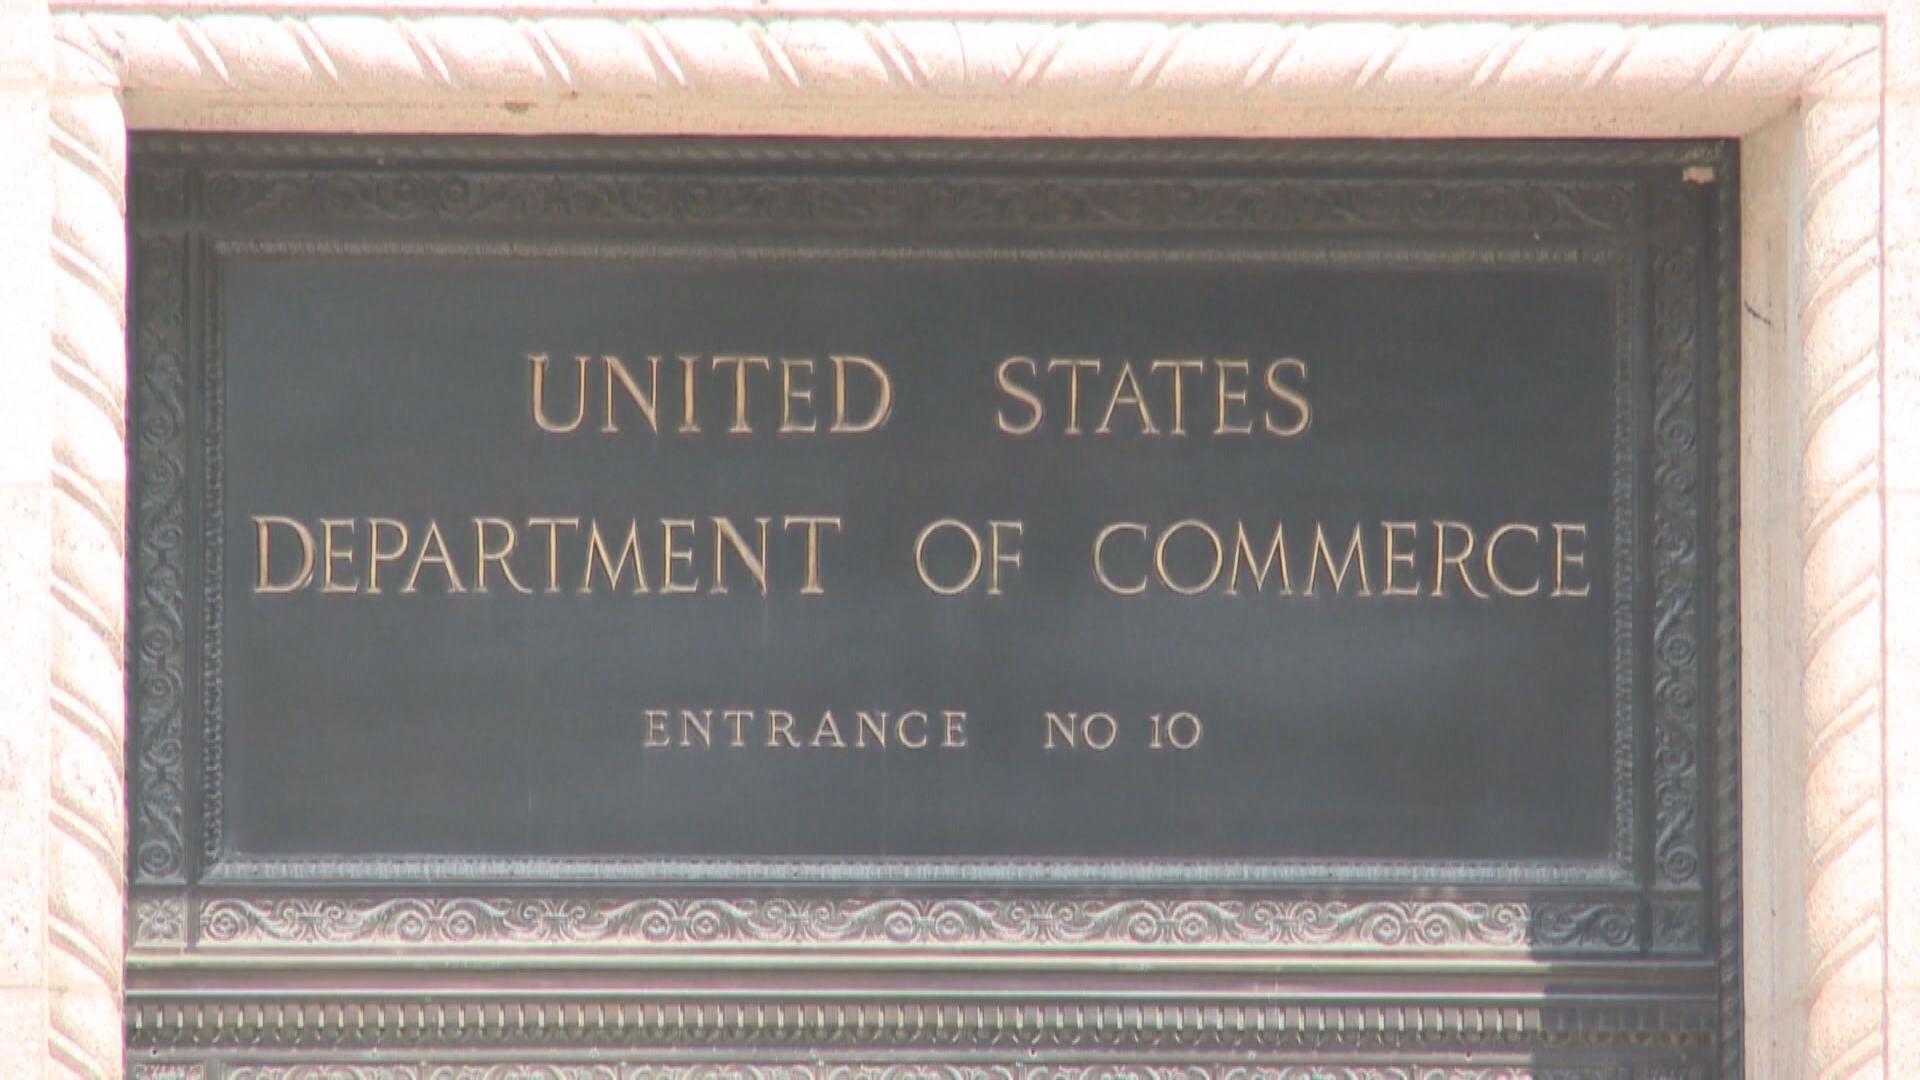 路透社:美國商務部被指失責未定出敏感技術清單